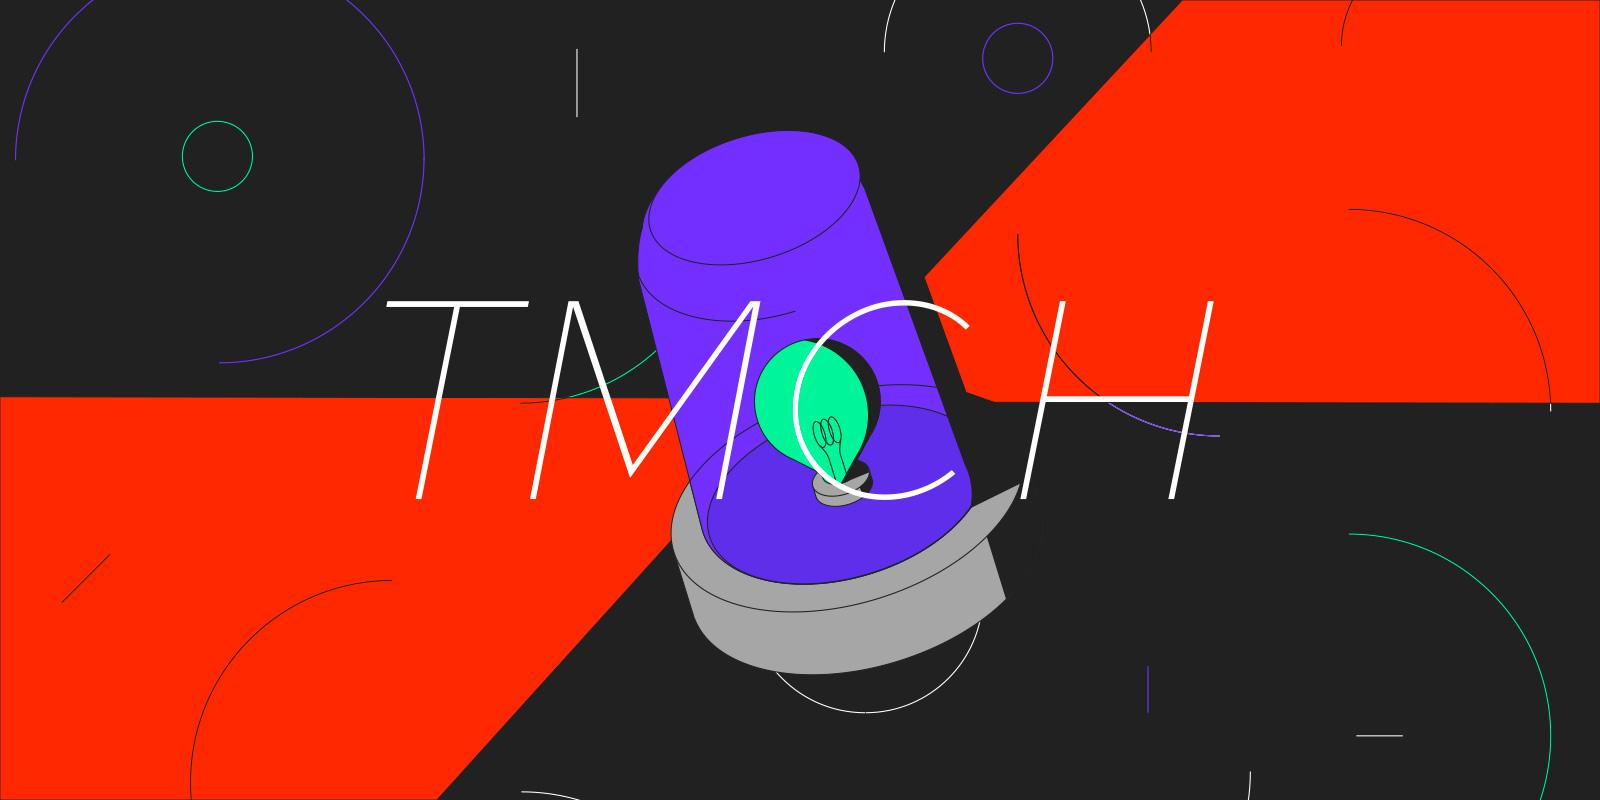 商標保護サービス TMCH に .com ドメインに関する通知サービスが追加されます